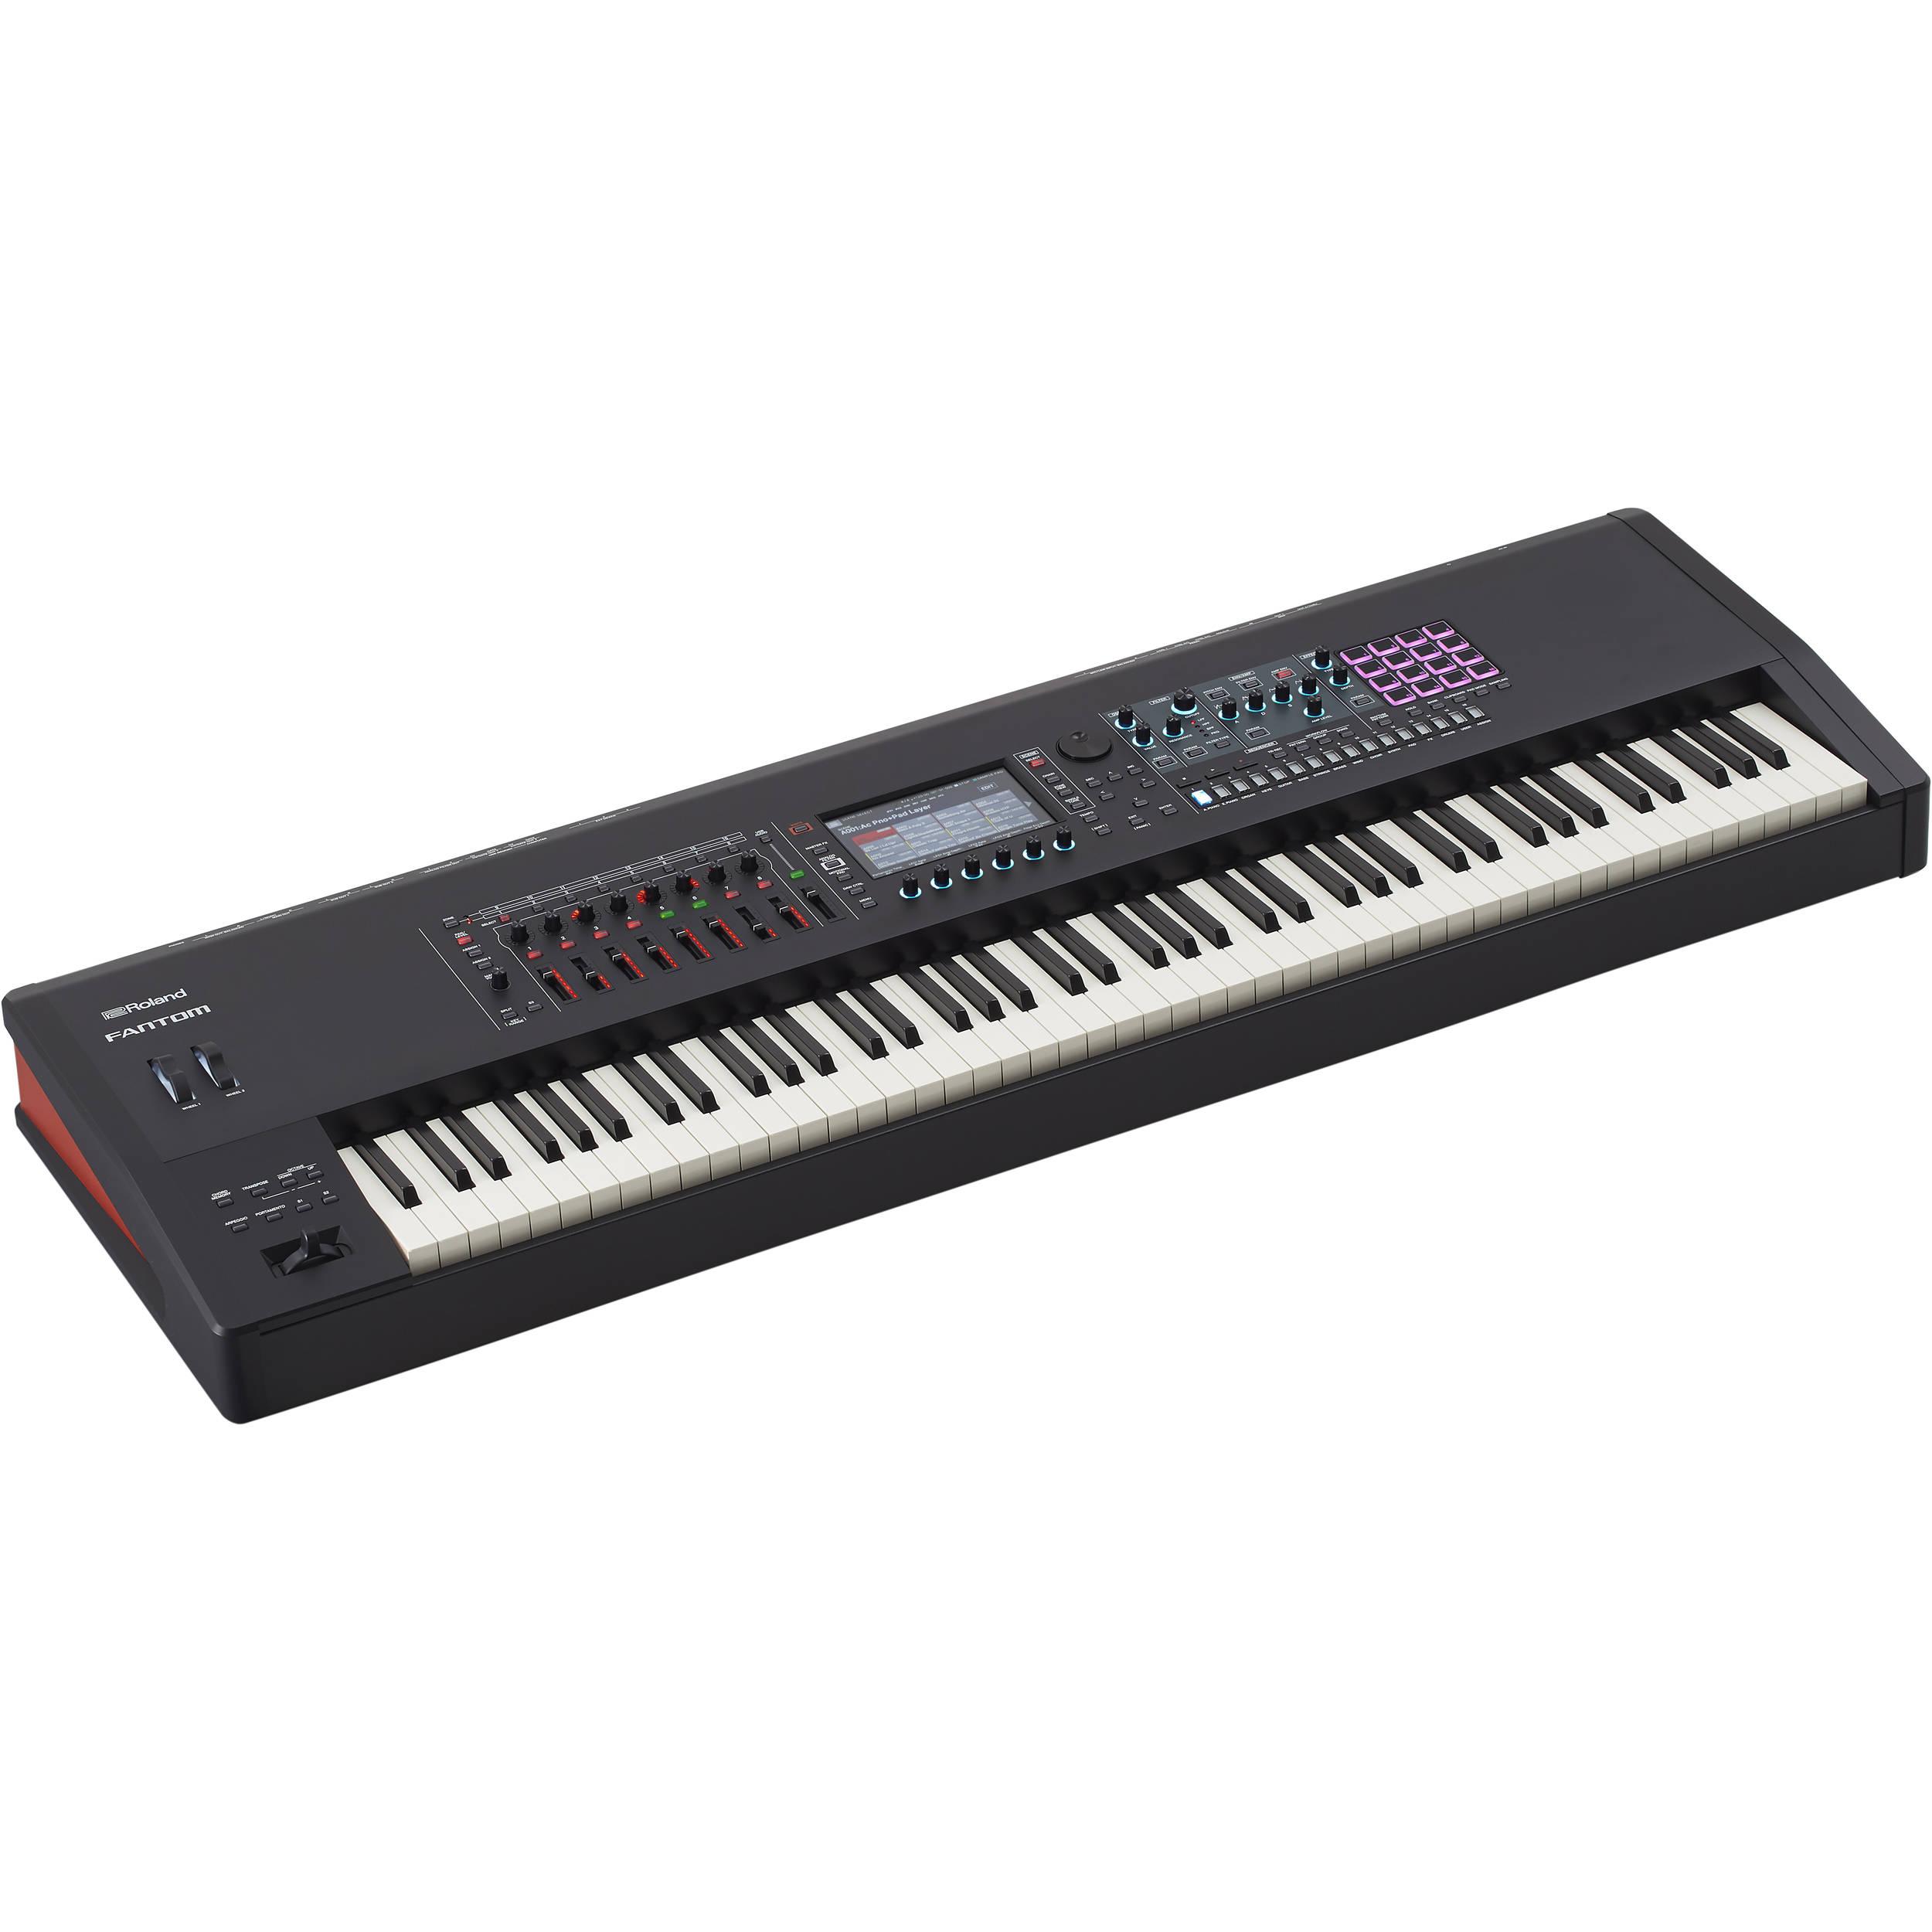 roland fantom 8 88 note workstation keyboard fantom 8 b h photo. Black Bedroom Furniture Sets. Home Design Ideas